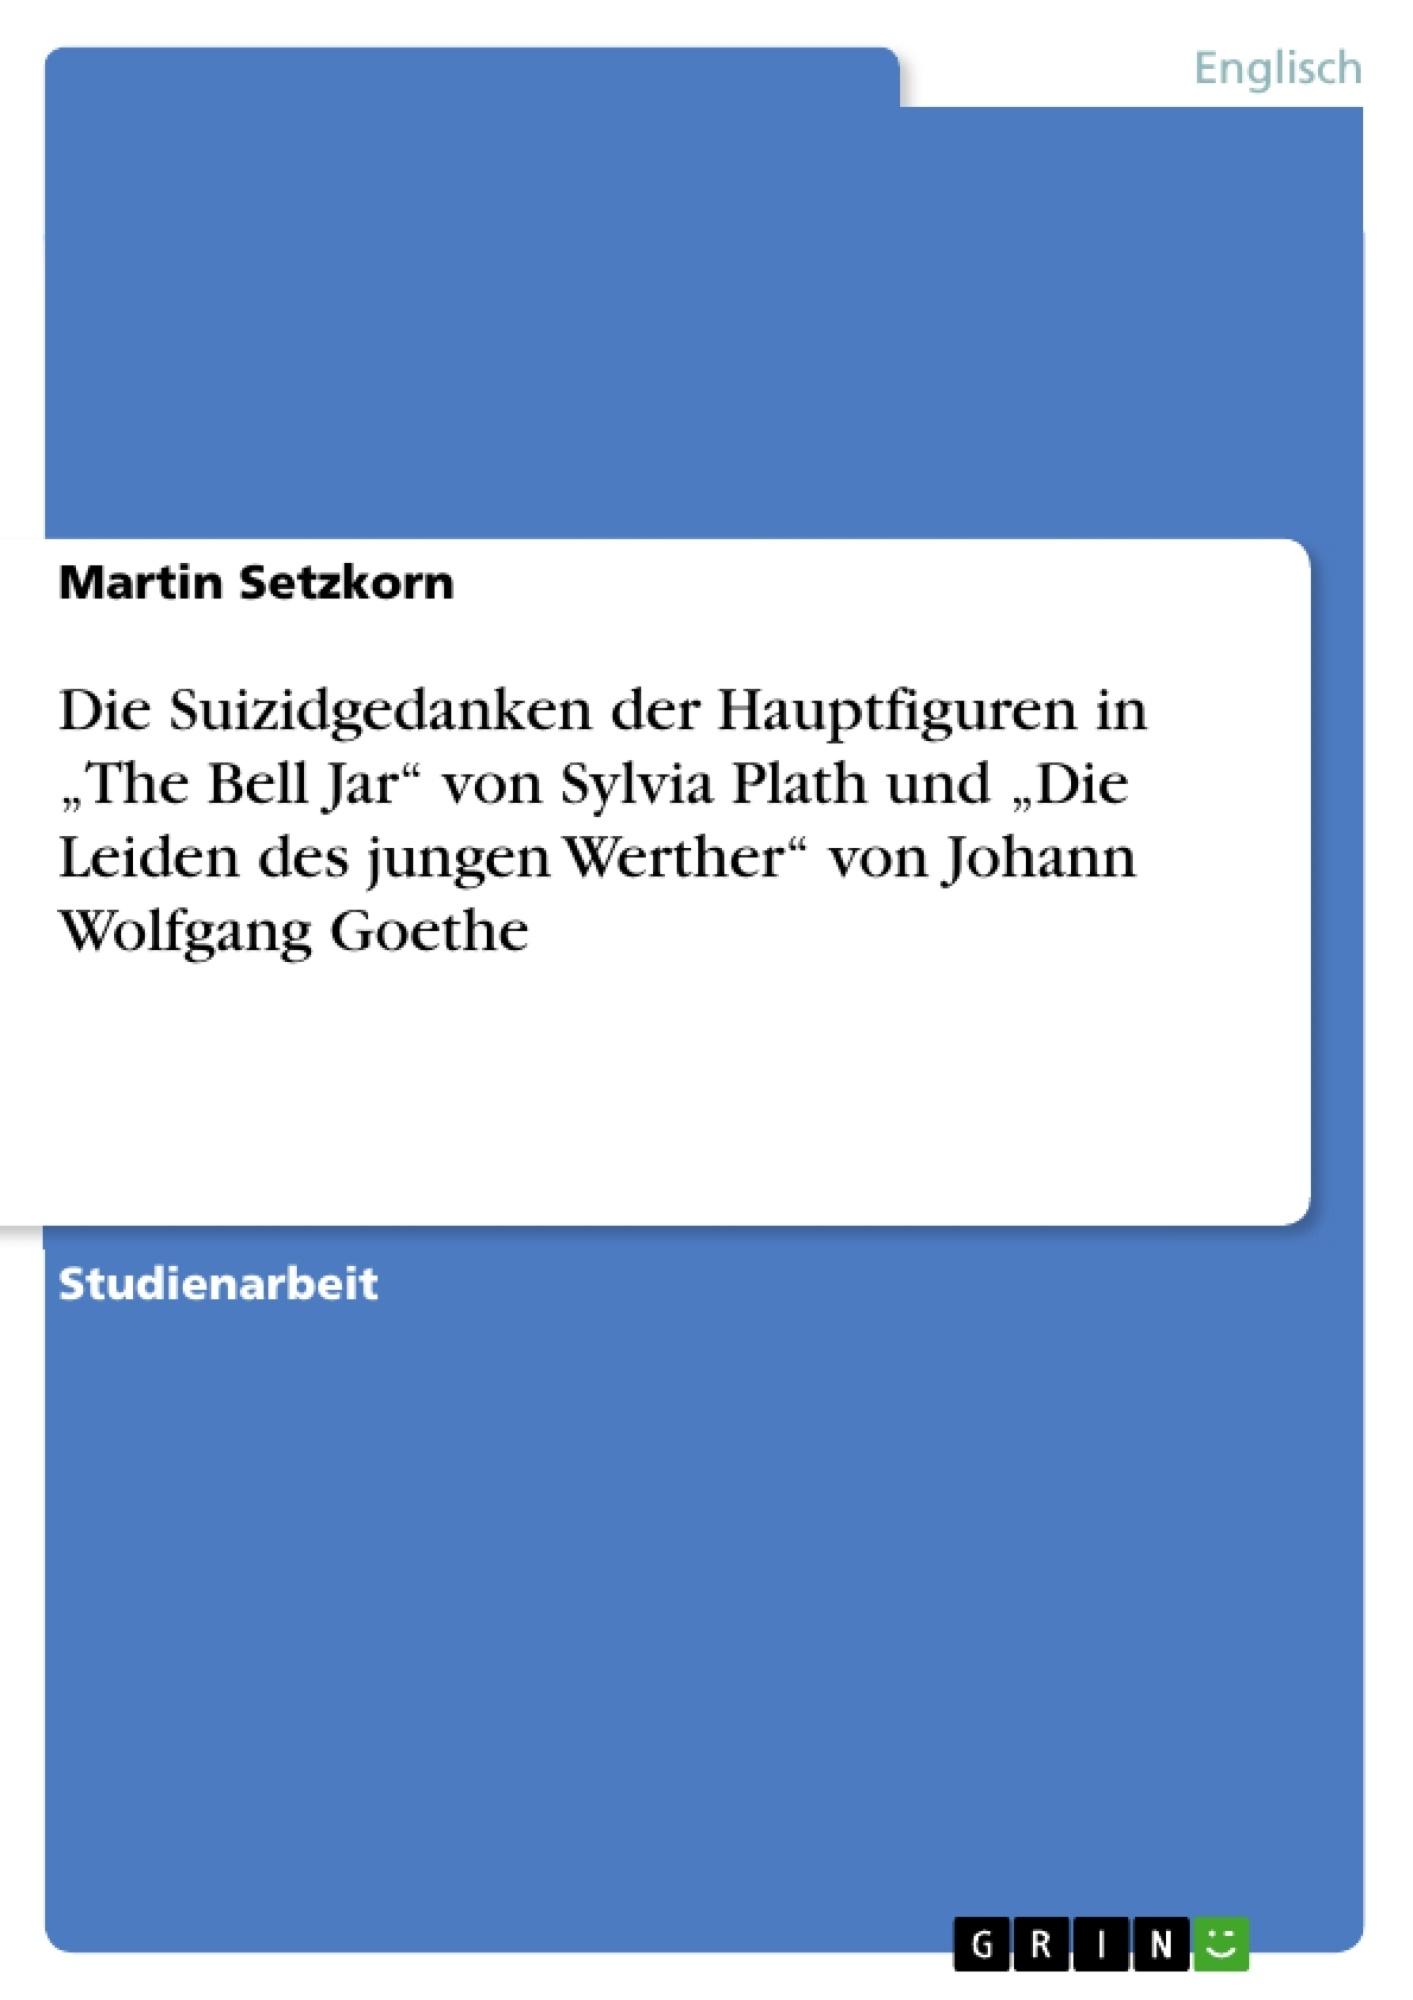 """Titel: Die Suizidgedanken der Hauptfiguren in """"The Bell Jar"""" von Sylvia Plath und """"Die Leiden des jungen Werther"""" von Johann Wolfgang Goethe"""